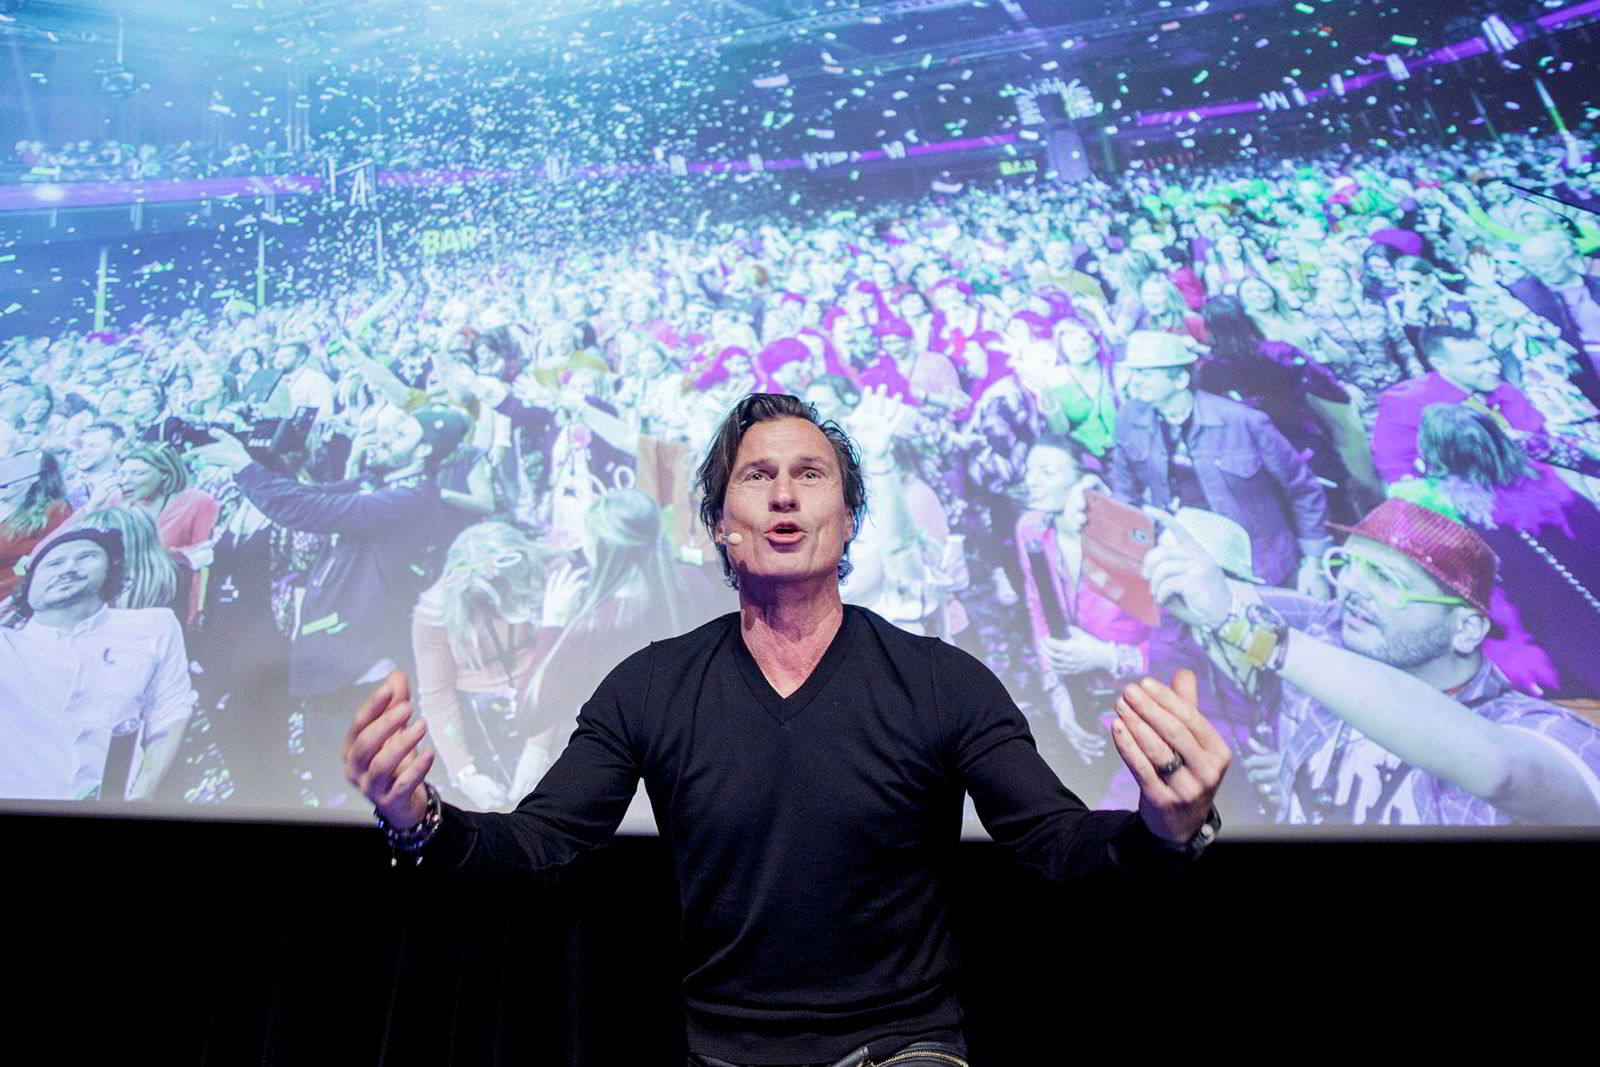 Strawberry-eier Petter A. Stordalen holdt foredrag om viktigheten av kultur på arbeidsplassen, og han fortalte hva slags arbeidskultur han forsøker å skape.